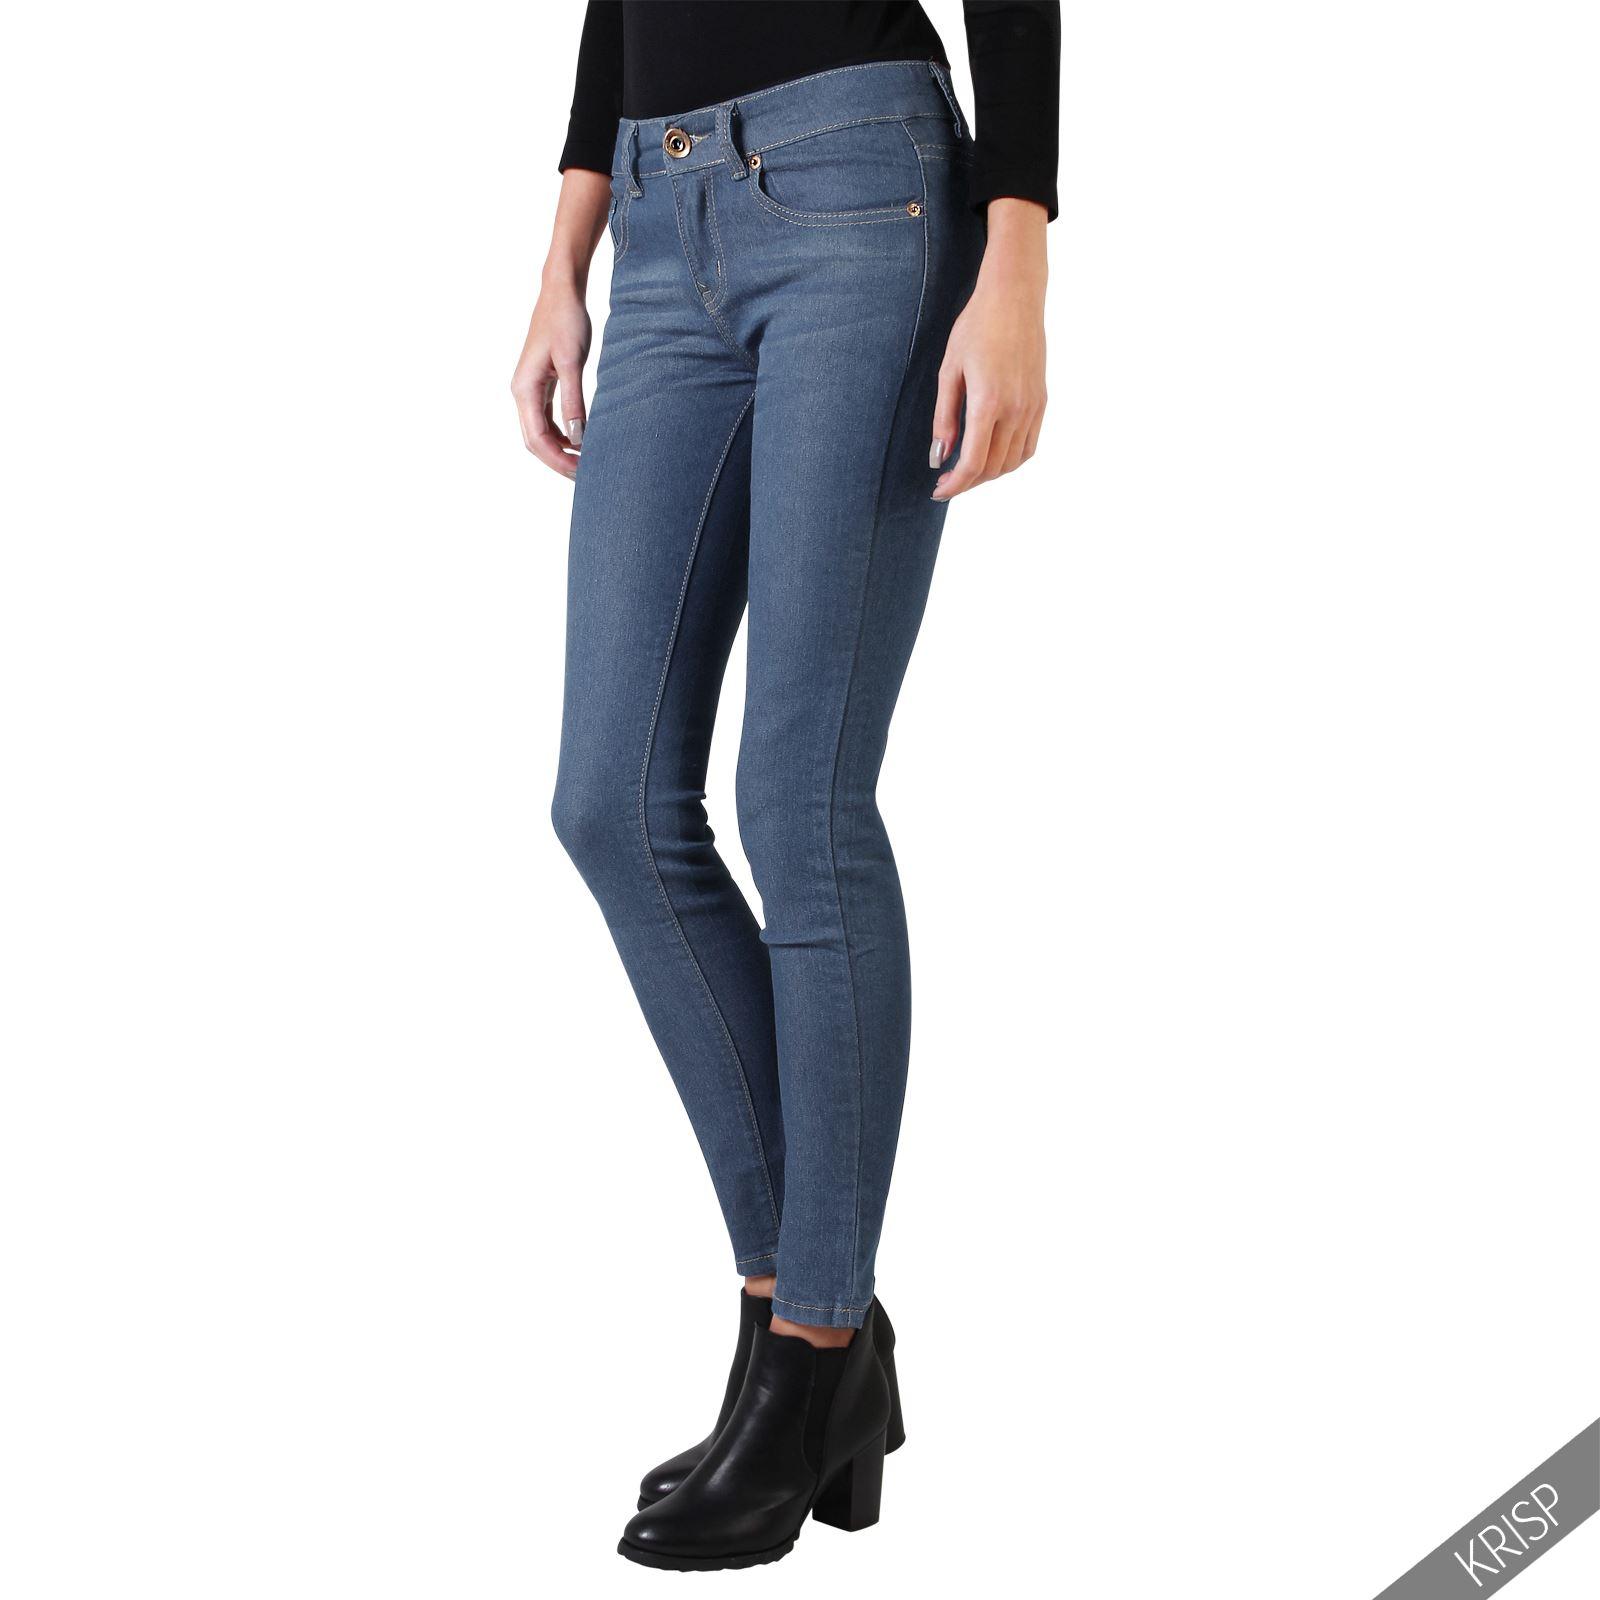 krisp london sale damen jeans stretch denim slim skinny. Black Bedroom Furniture Sets. Home Design Ideas